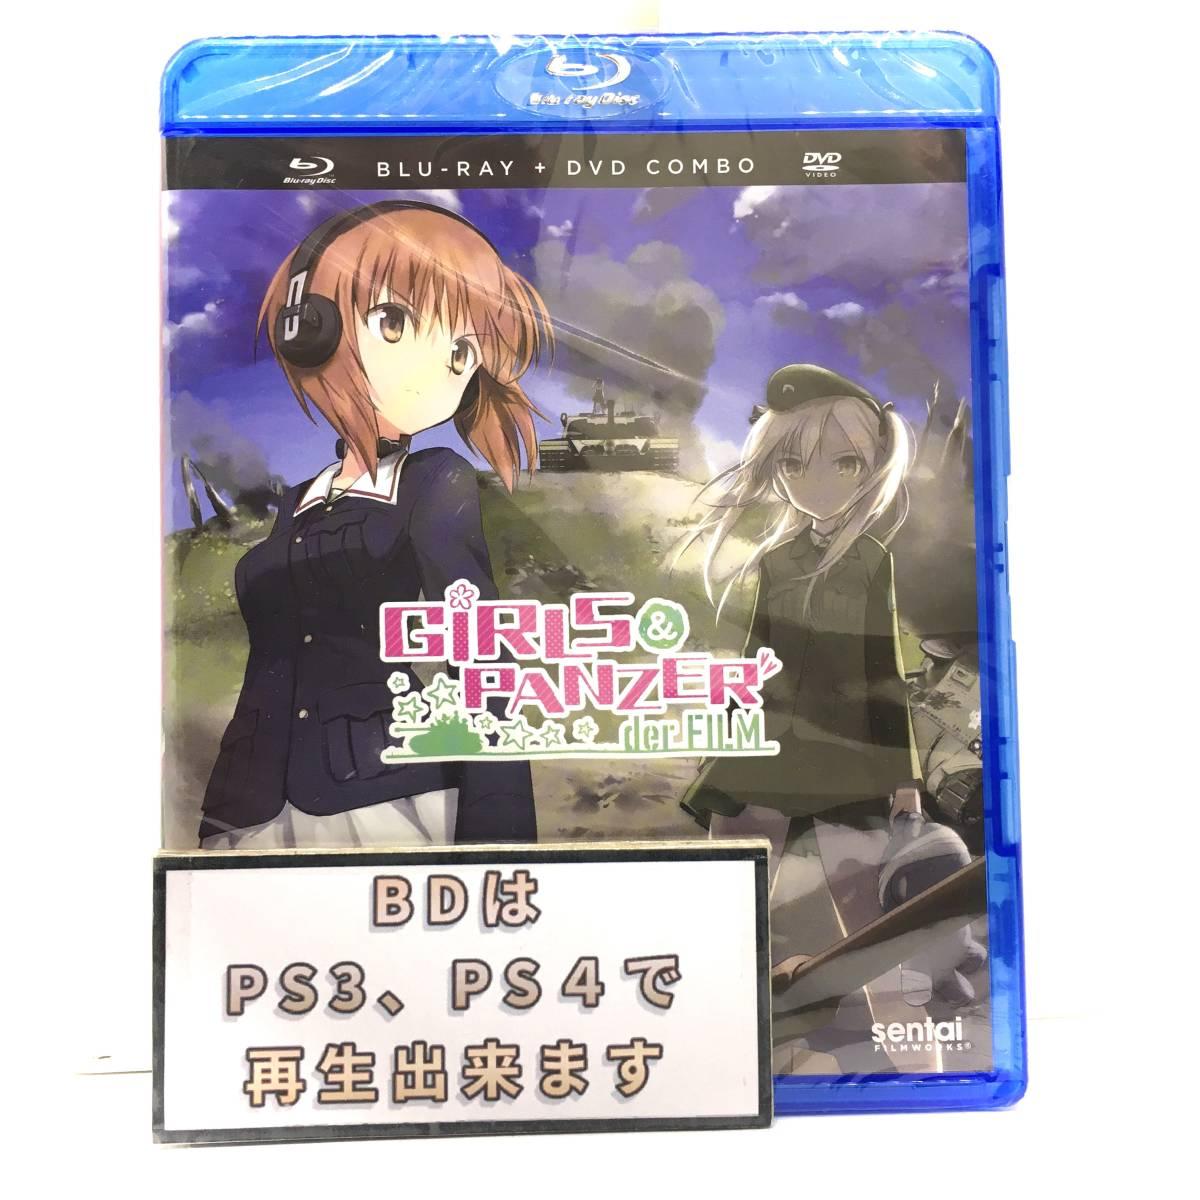 【送料無料】 新品 ガールズ&パンツァー 劇場版 Blu-ray+DVD 北米版ブルーレイ